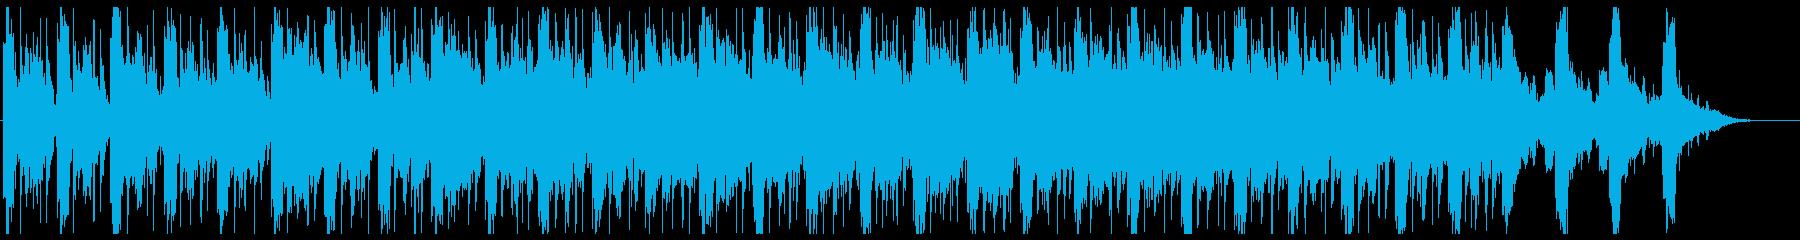 企業VP_重圧のテーマの再生済みの波形